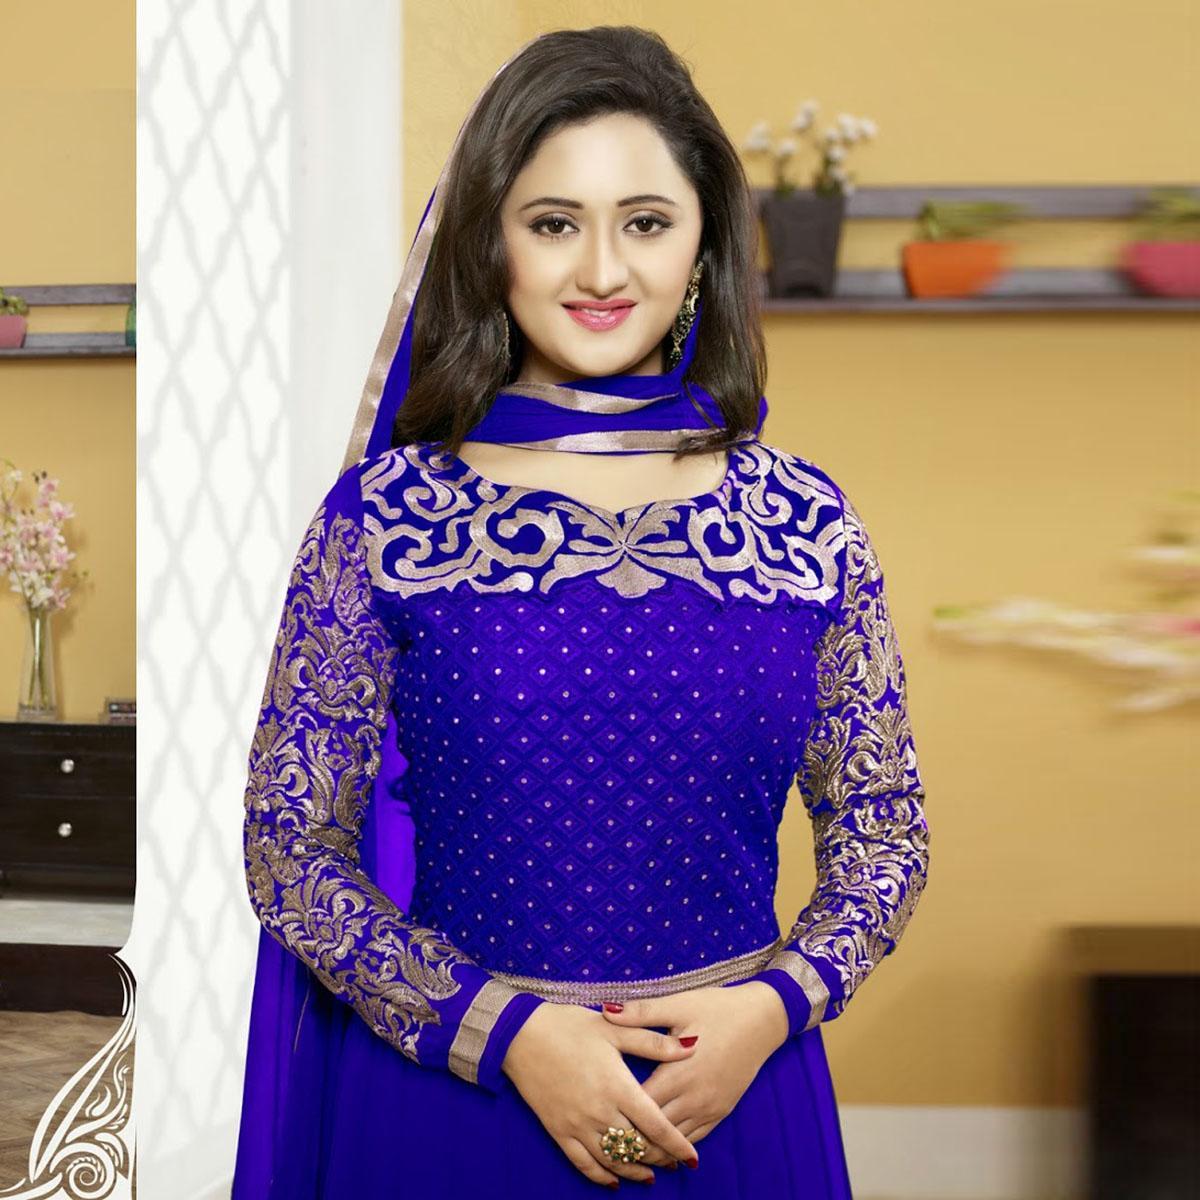 f1b7ad42 Blue Cotton Salwar kameez for Women